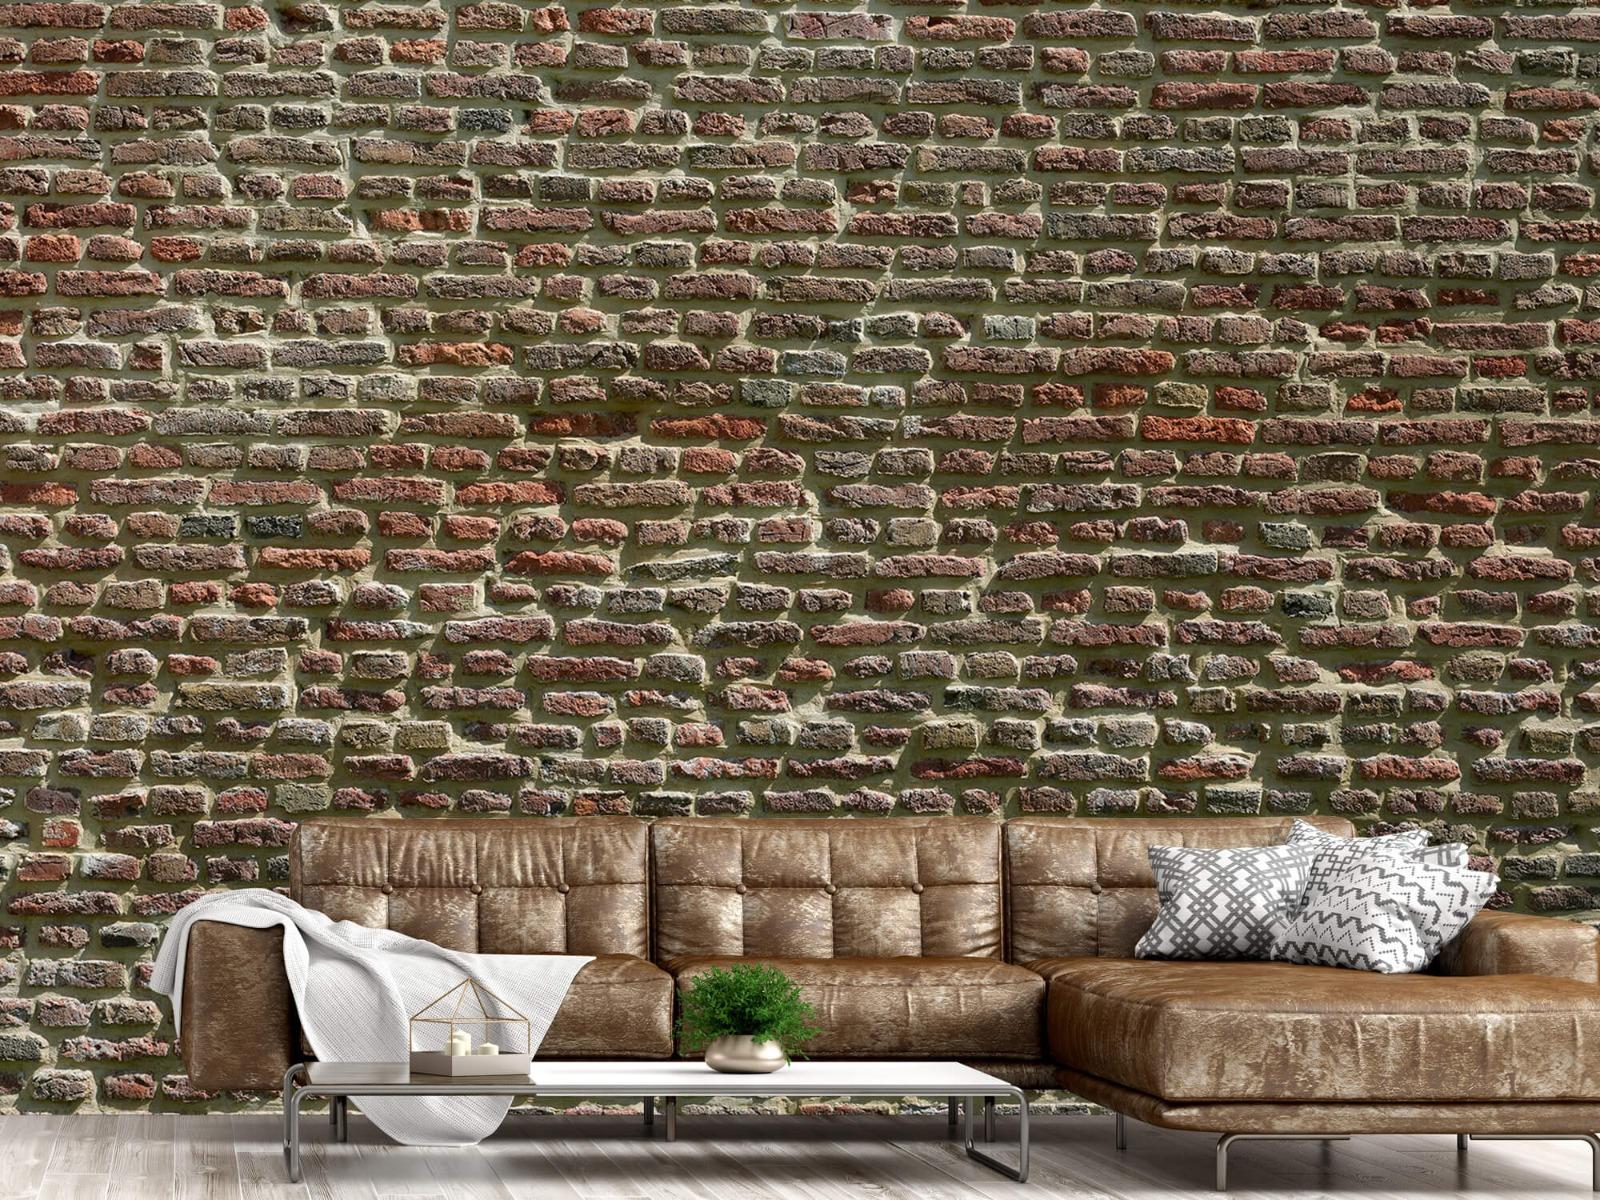 Stenen - Muur van oude bakstenen 16